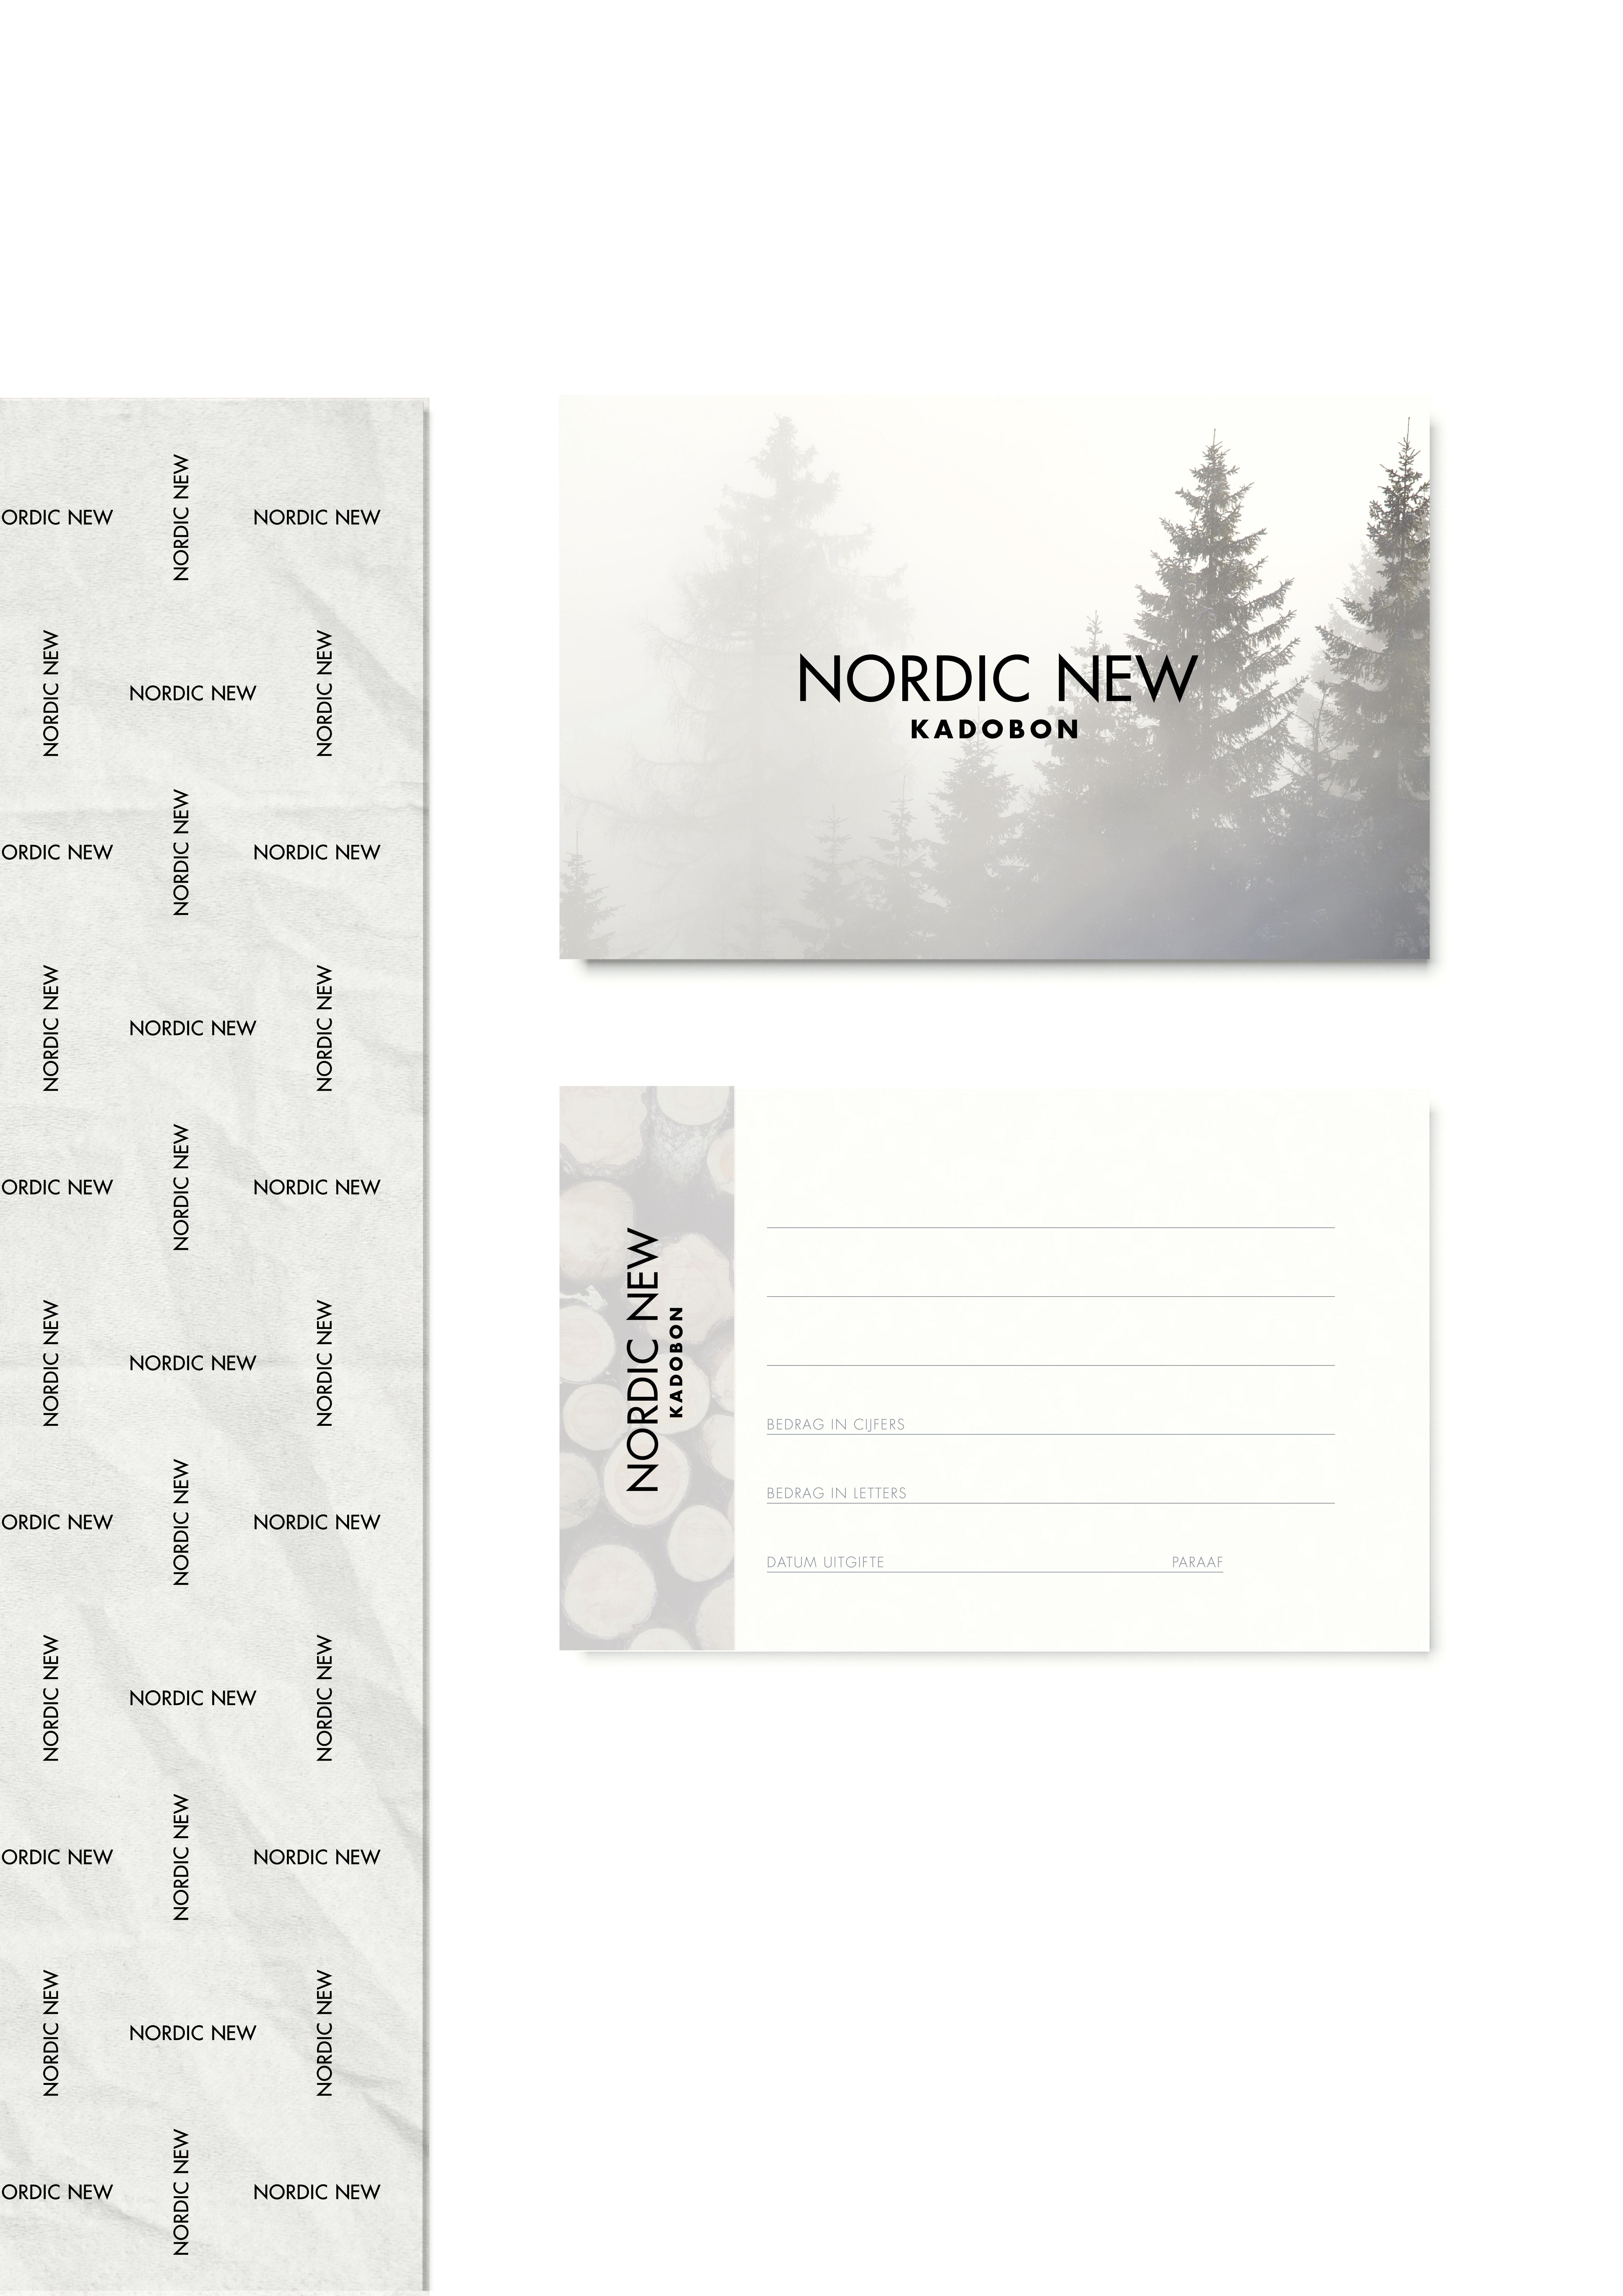 NORDIC NEW 4/6